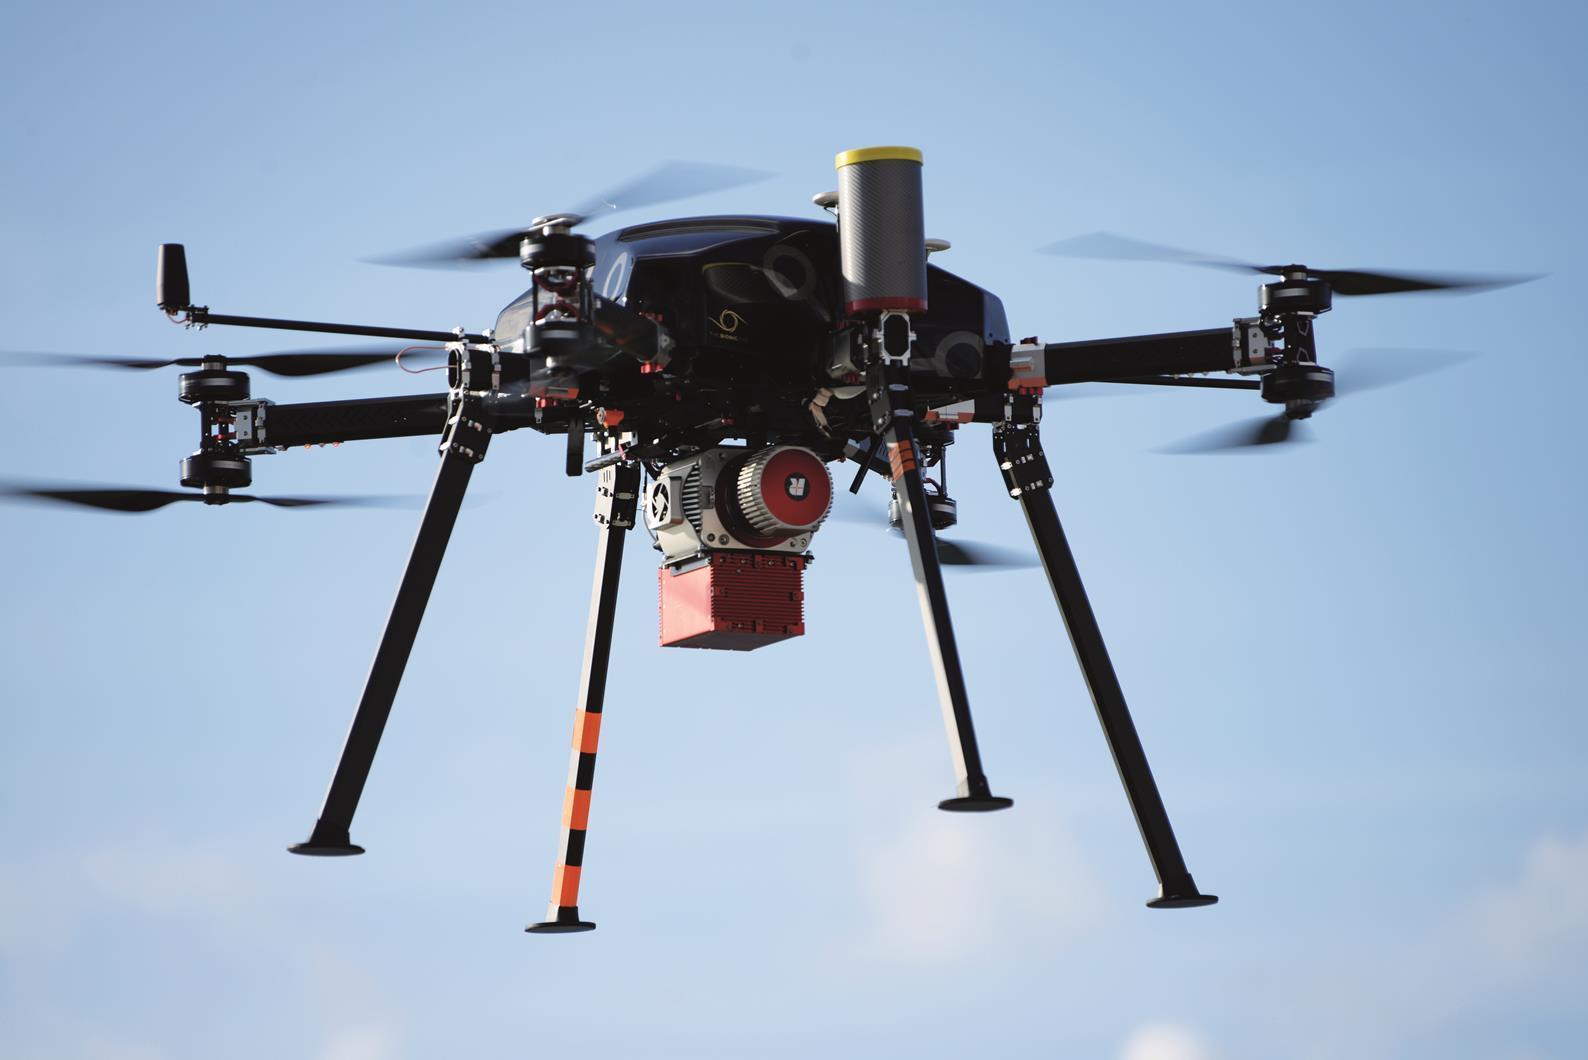 Строительство будущего: как тахеометры с функцией сканирования и умные роботы помогают геодезистам